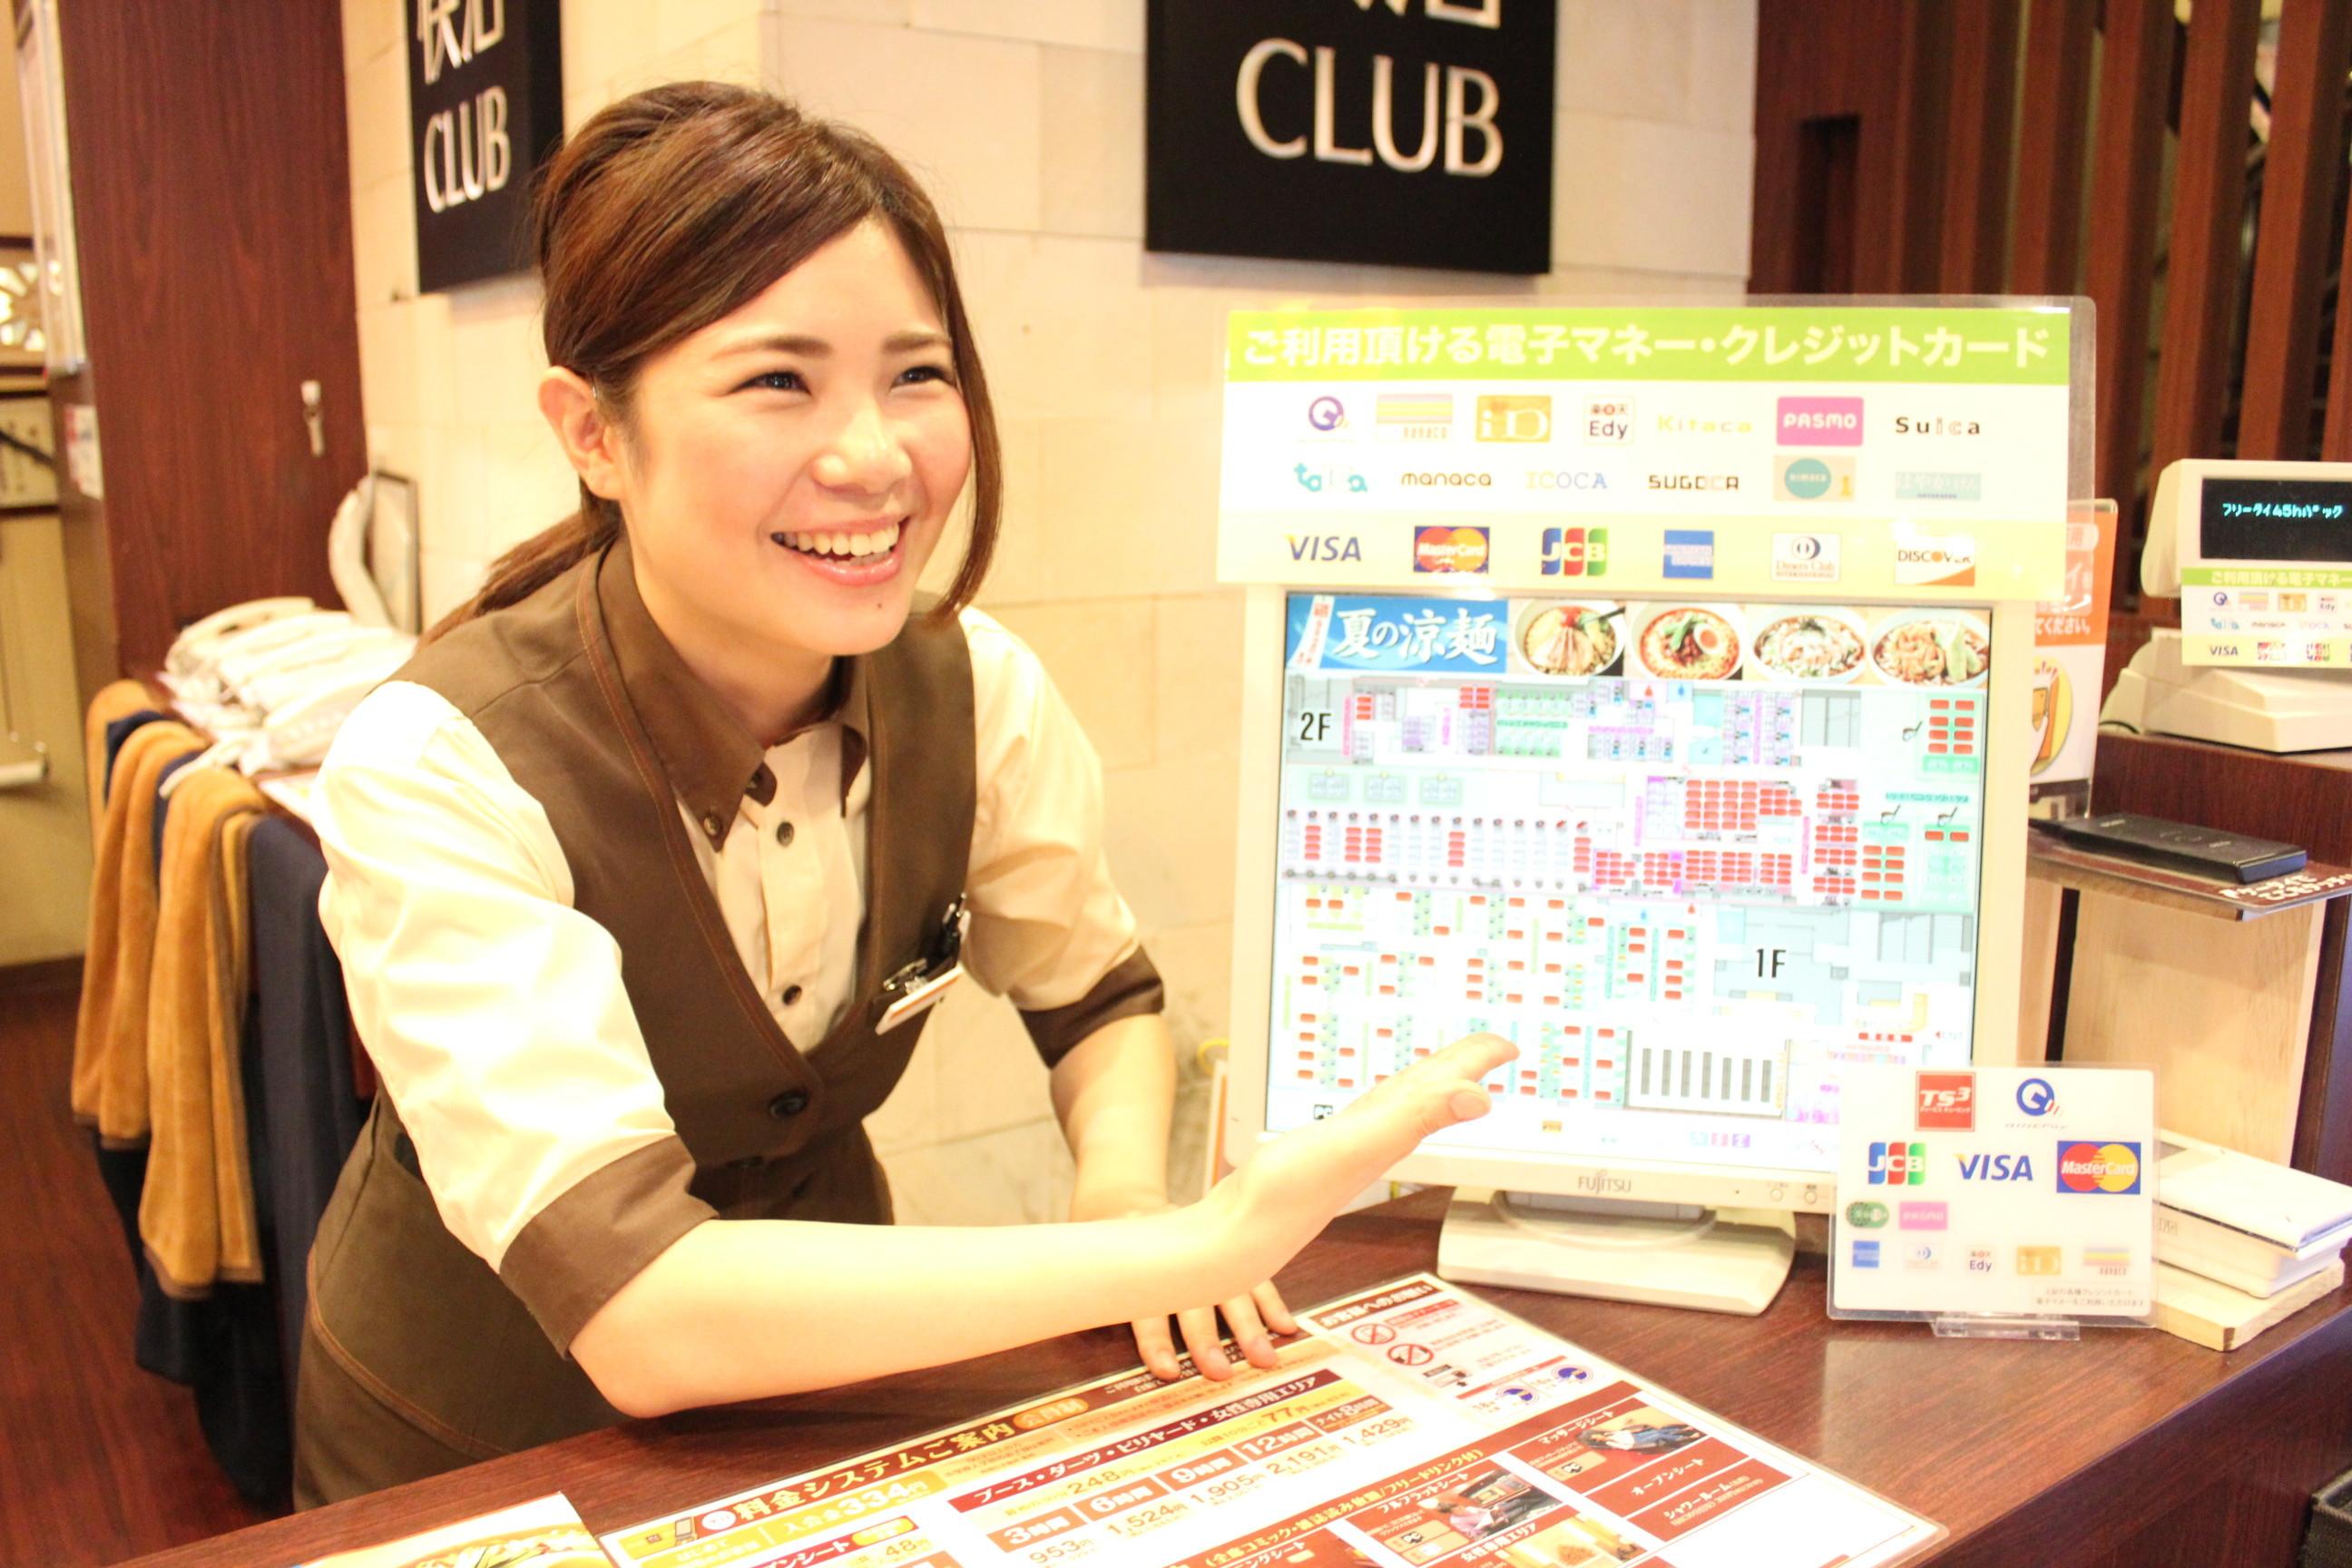 快活CLUB 17号鴻巣店 のアルバイト情報